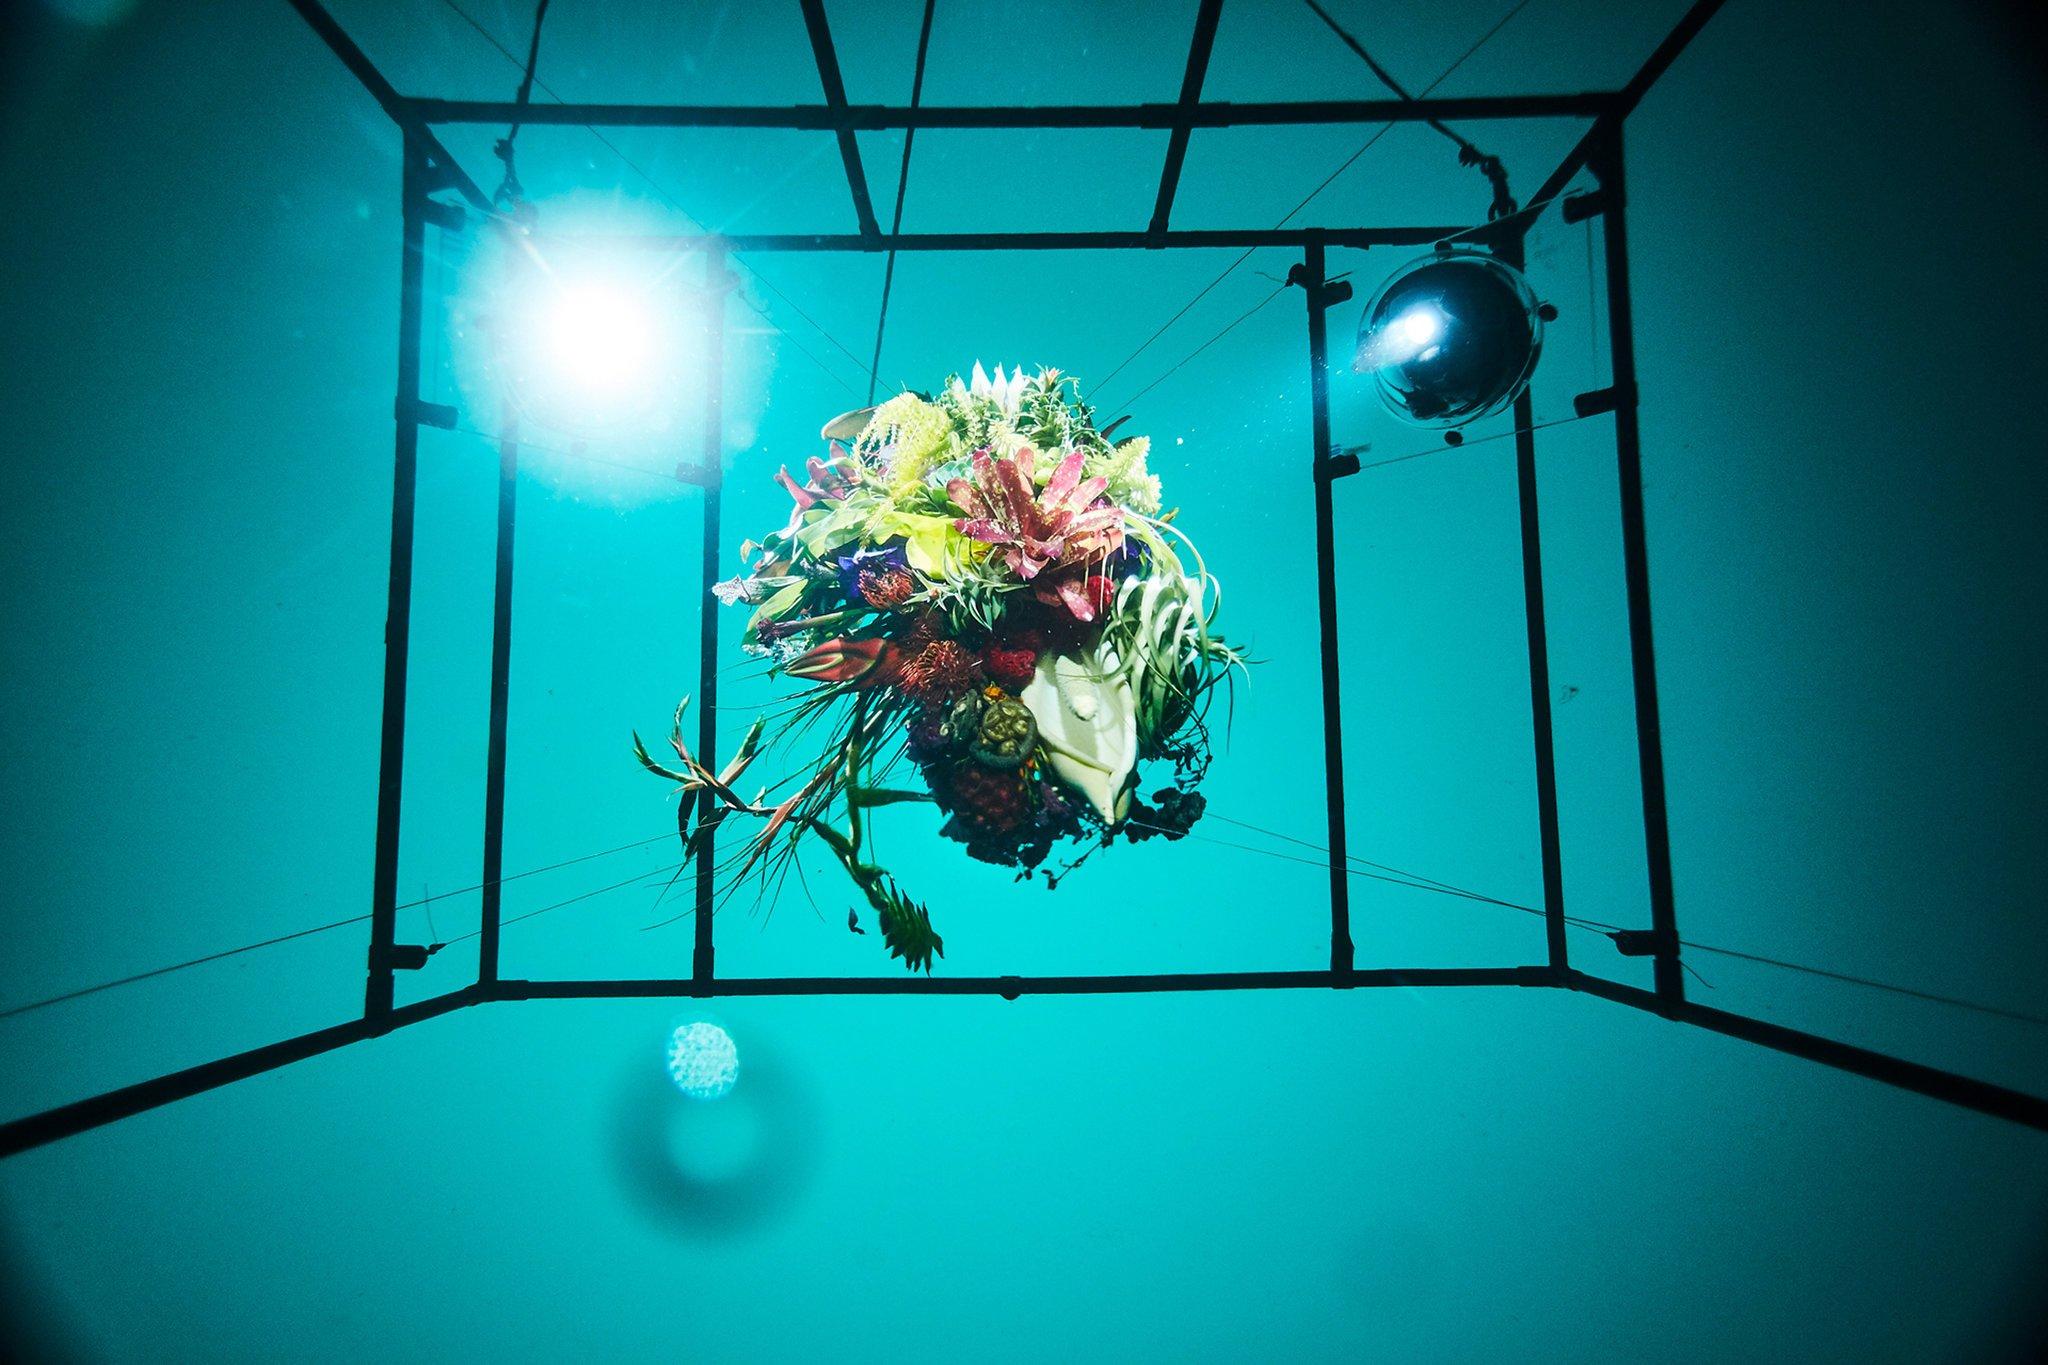 azuma-makoto-dives-into-the-unknown-5